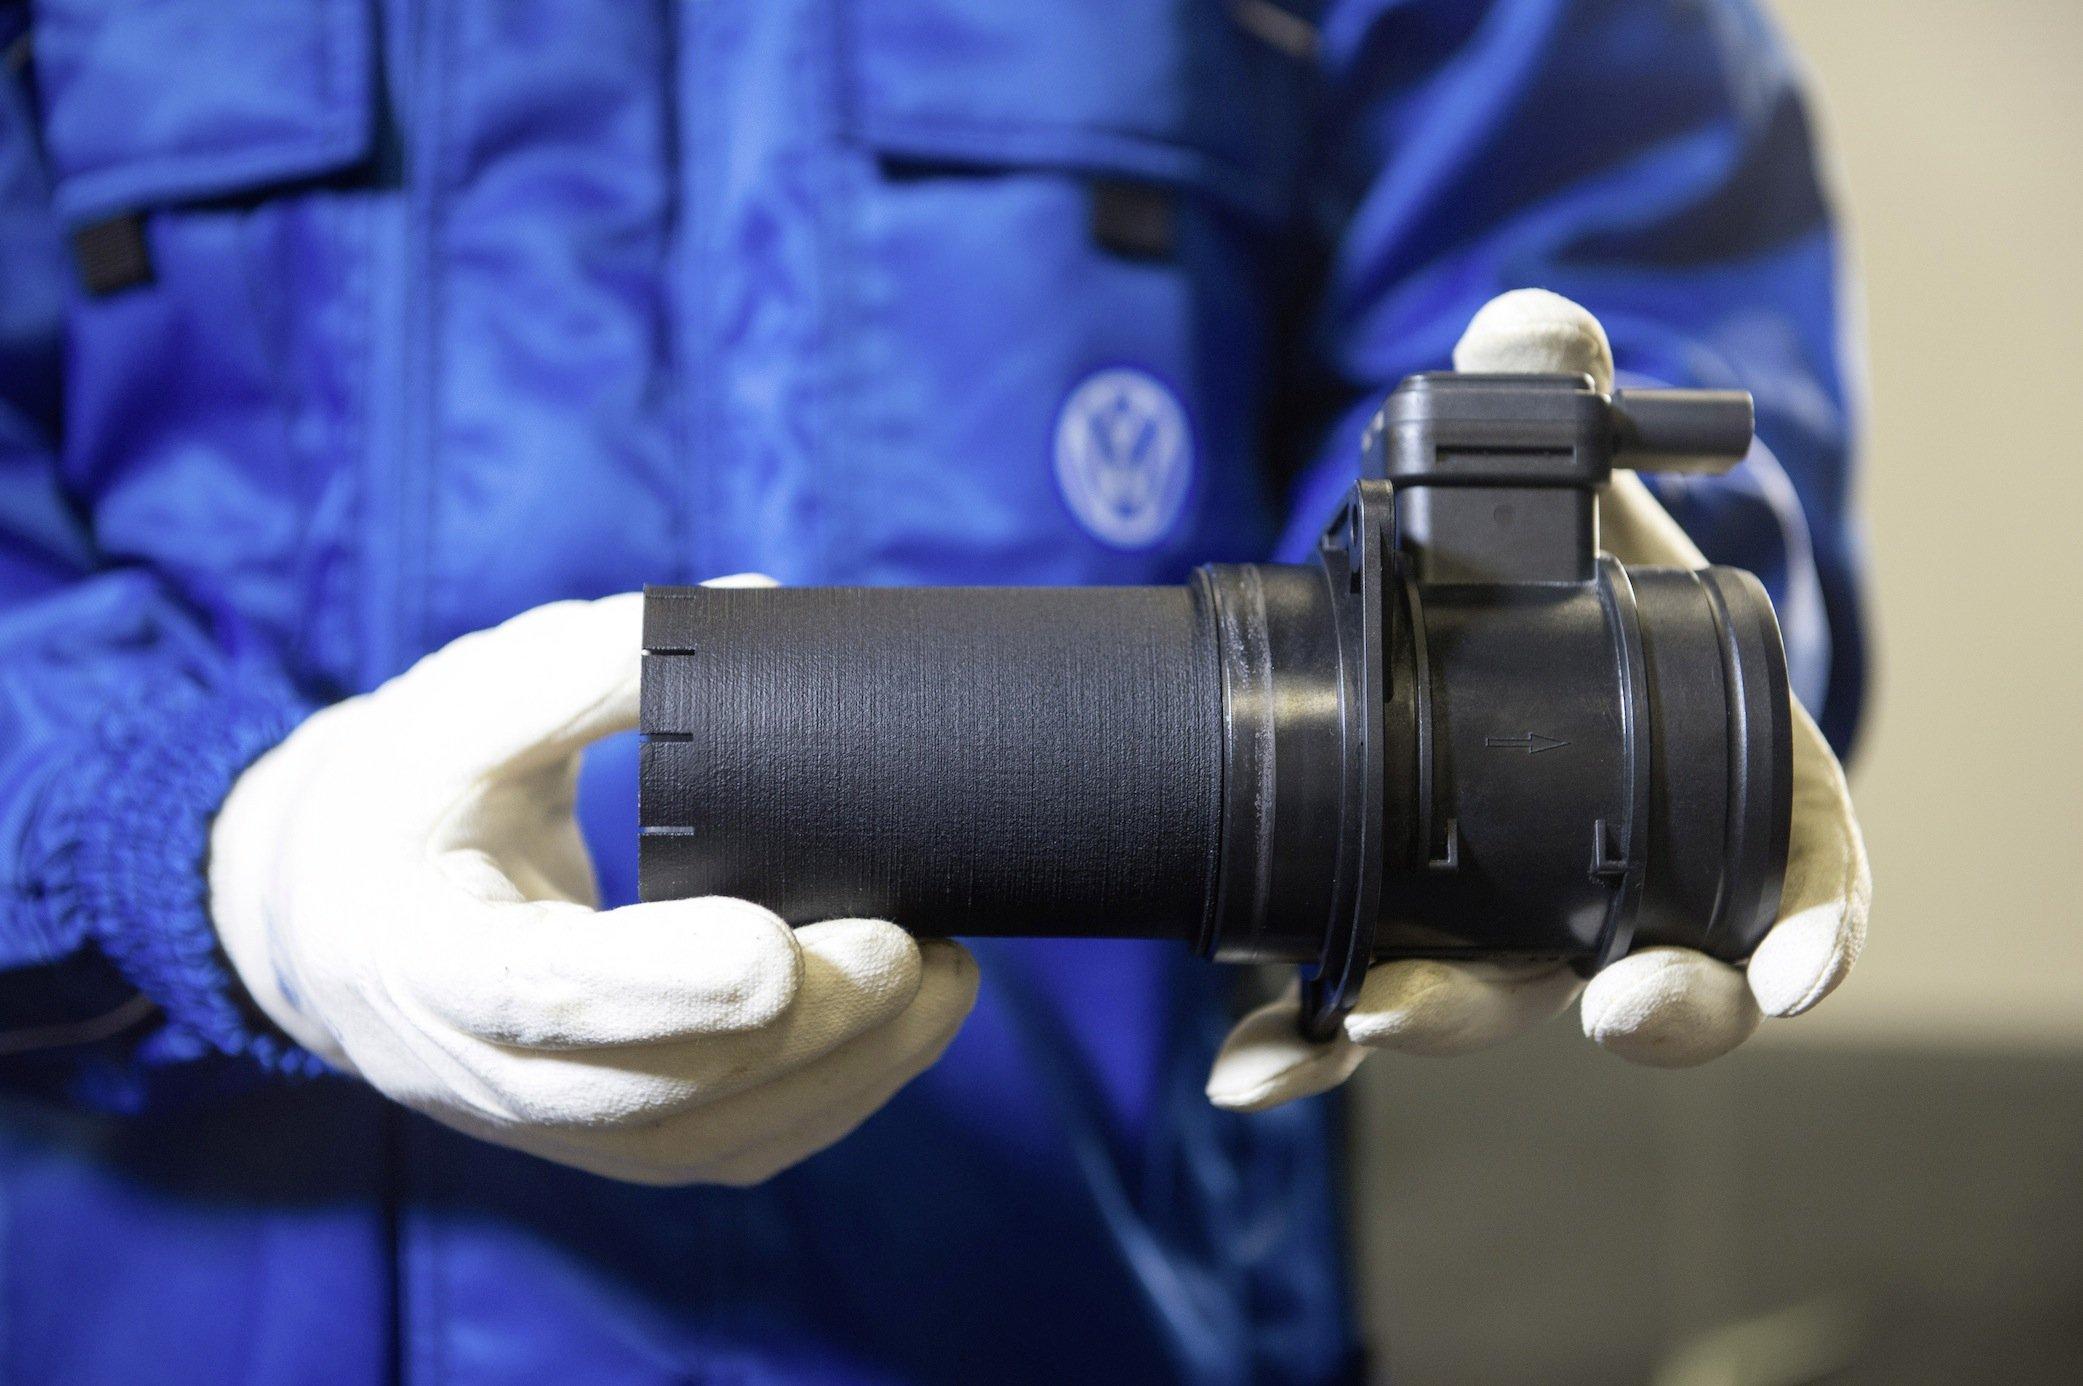 Bei den 1.6 TDI Motoren soll dieses kleine Plastikrohr dafür sorgen, dass die einströmende Luft vor dem so genannten Luftmassenmesser beruhigt wird. Das soll letztendlich den Schadstoffausstoß reduzieren.